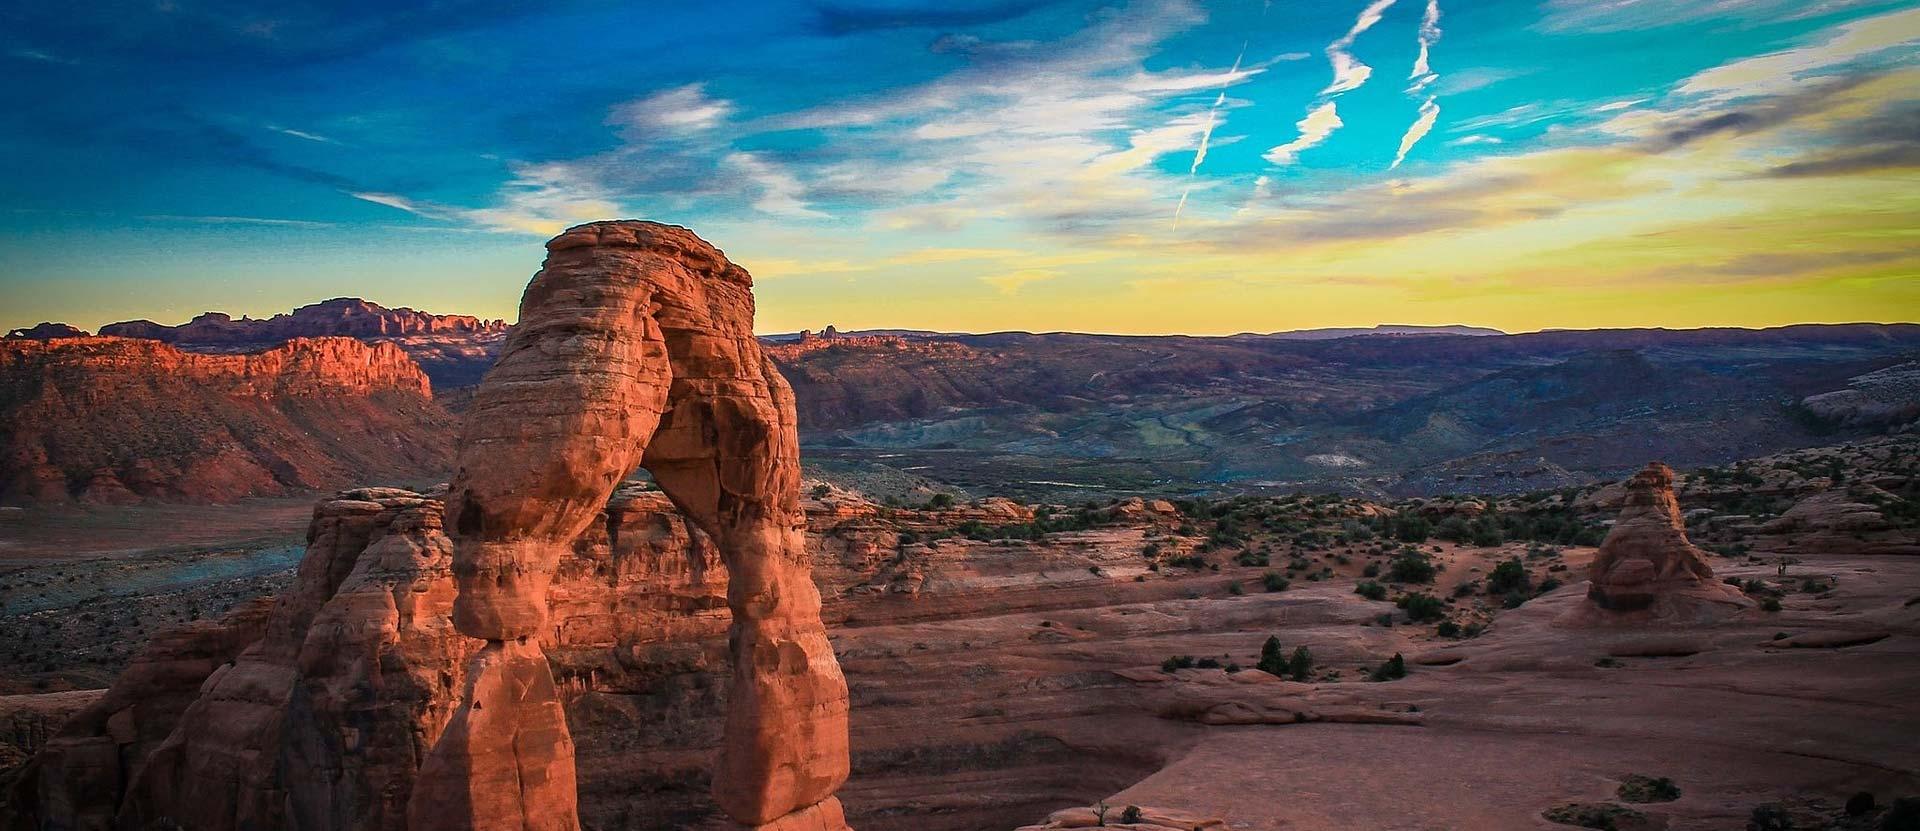 Eine Wüste in den USA